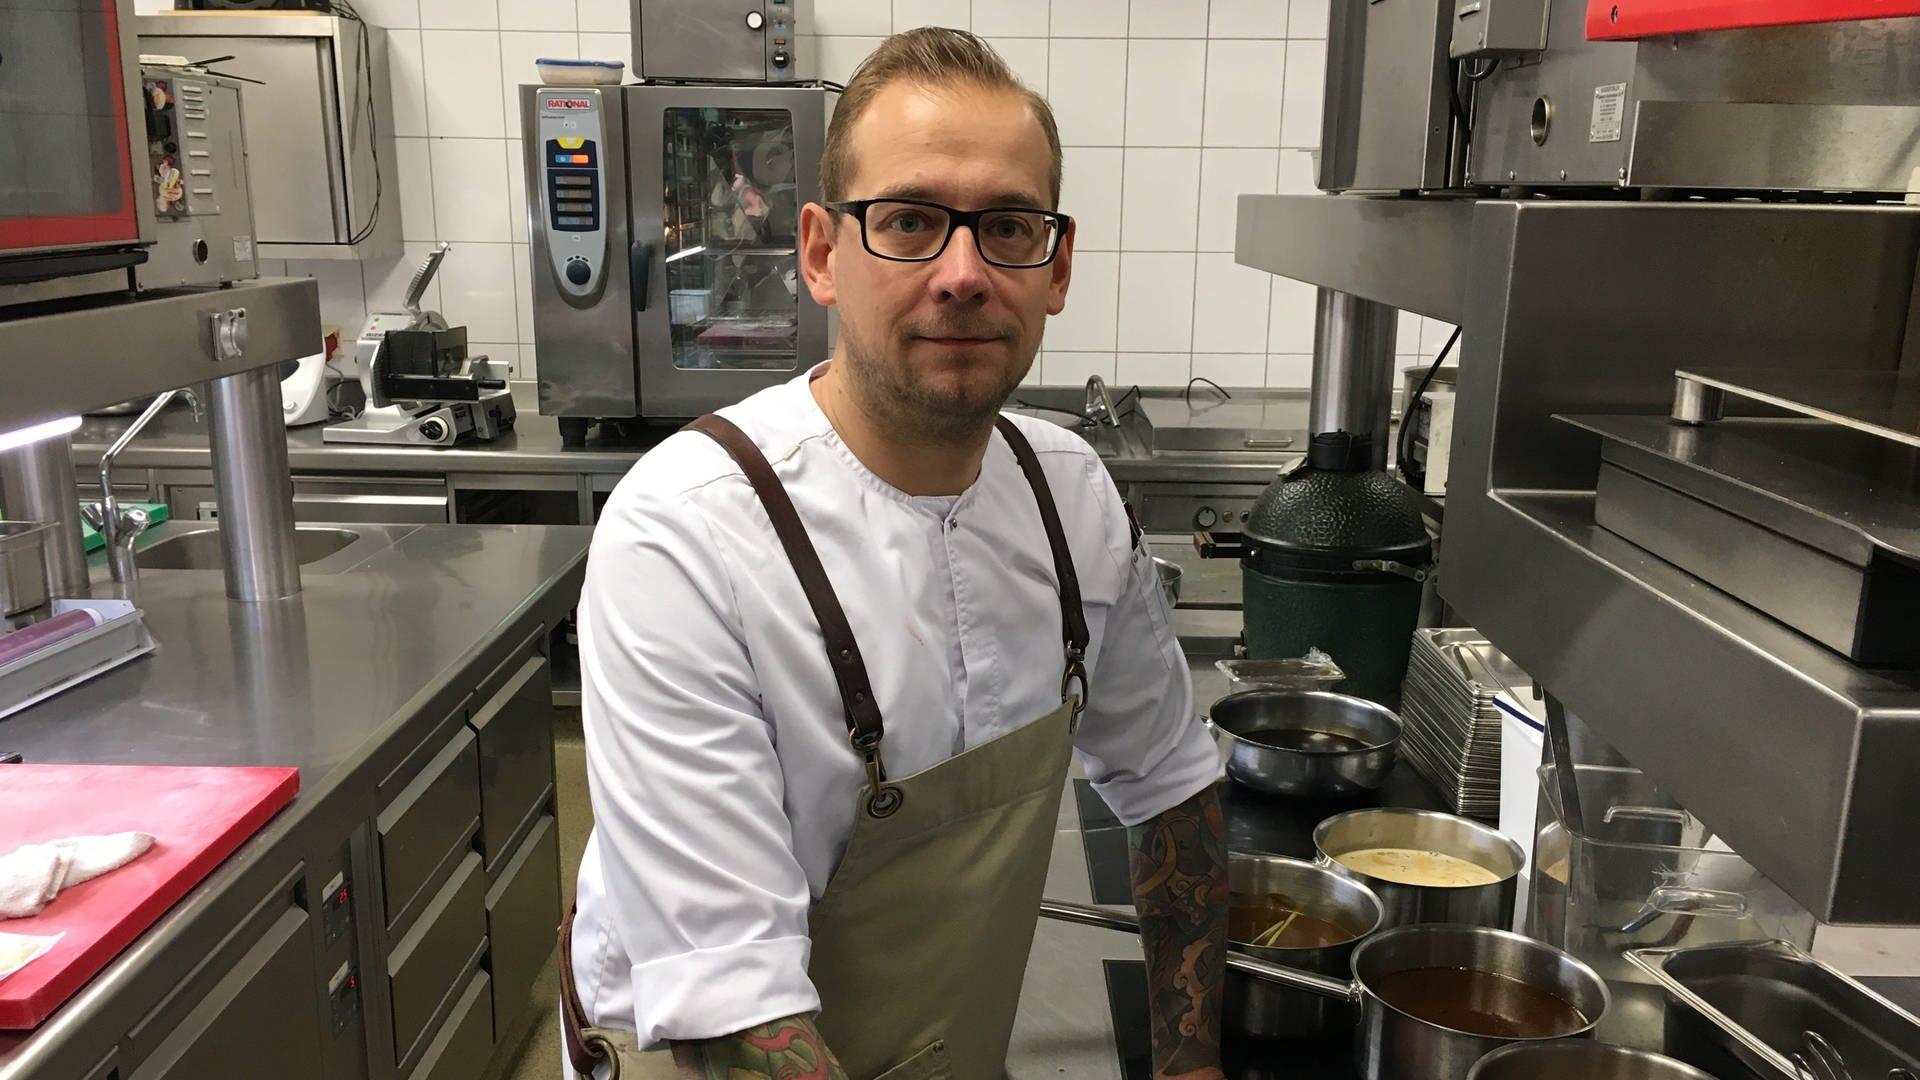 Spitzenkoch Daniel Schimkowitsch